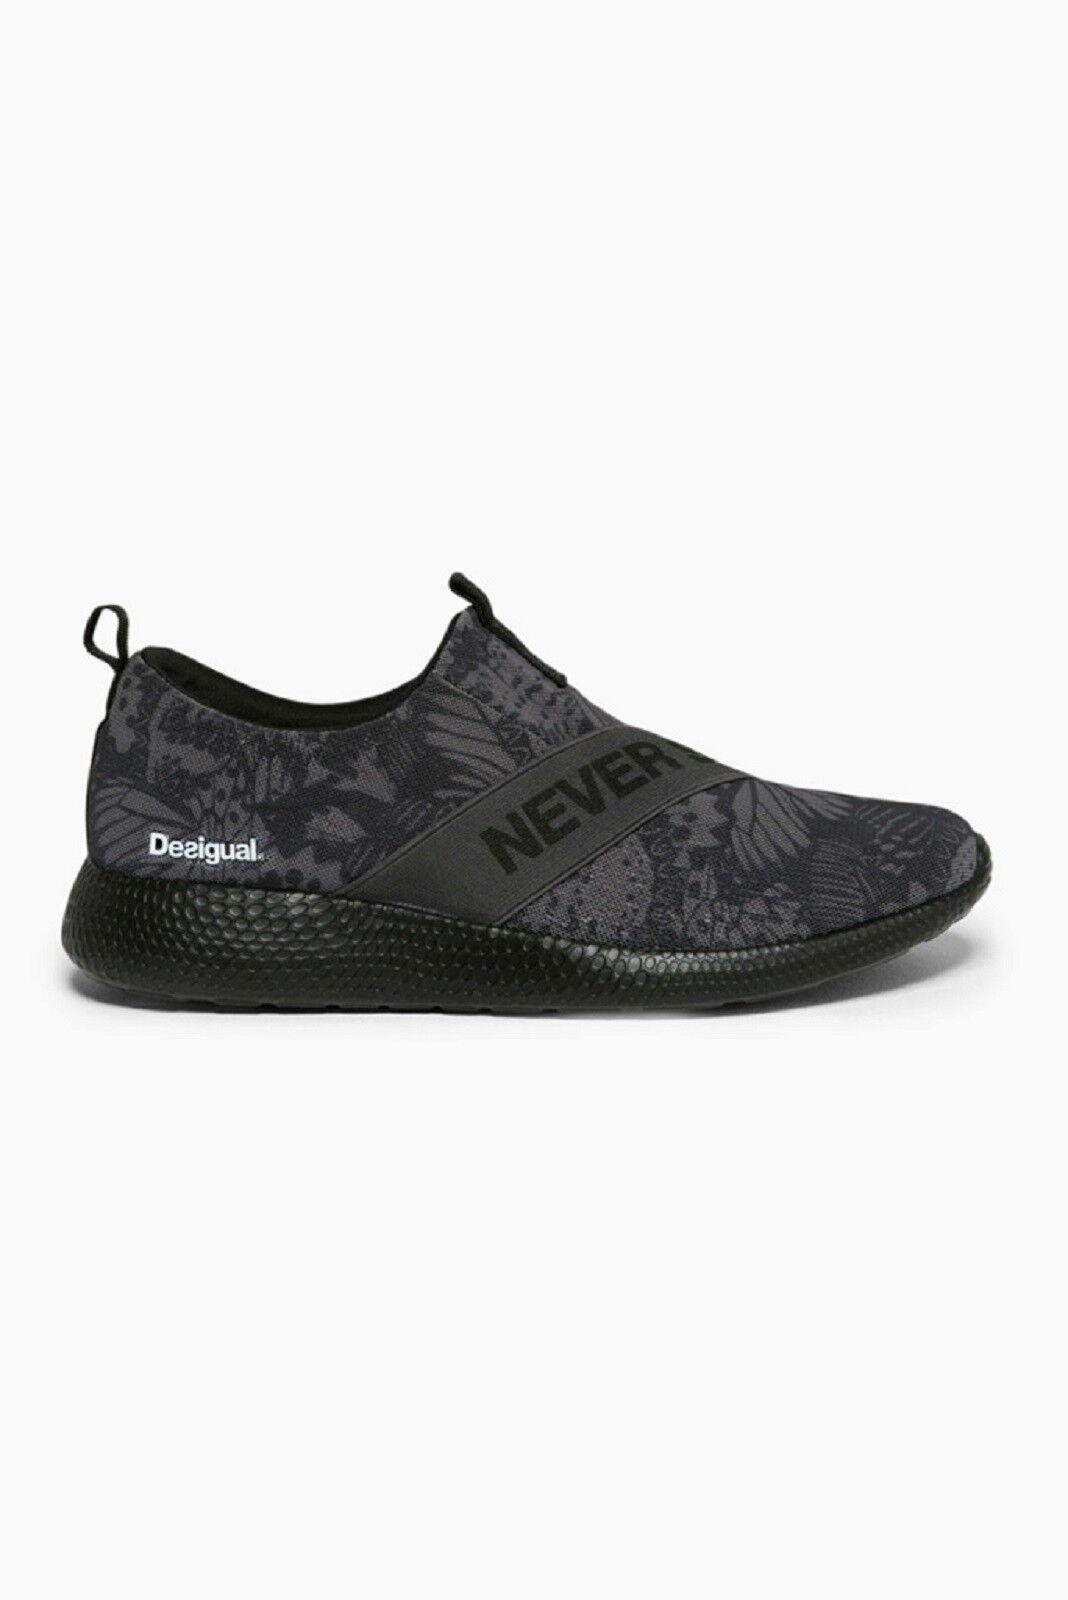 DESIGUAL SPORT scarpe da ginnastica  scarpe _ Slipon Metamorph  papikra